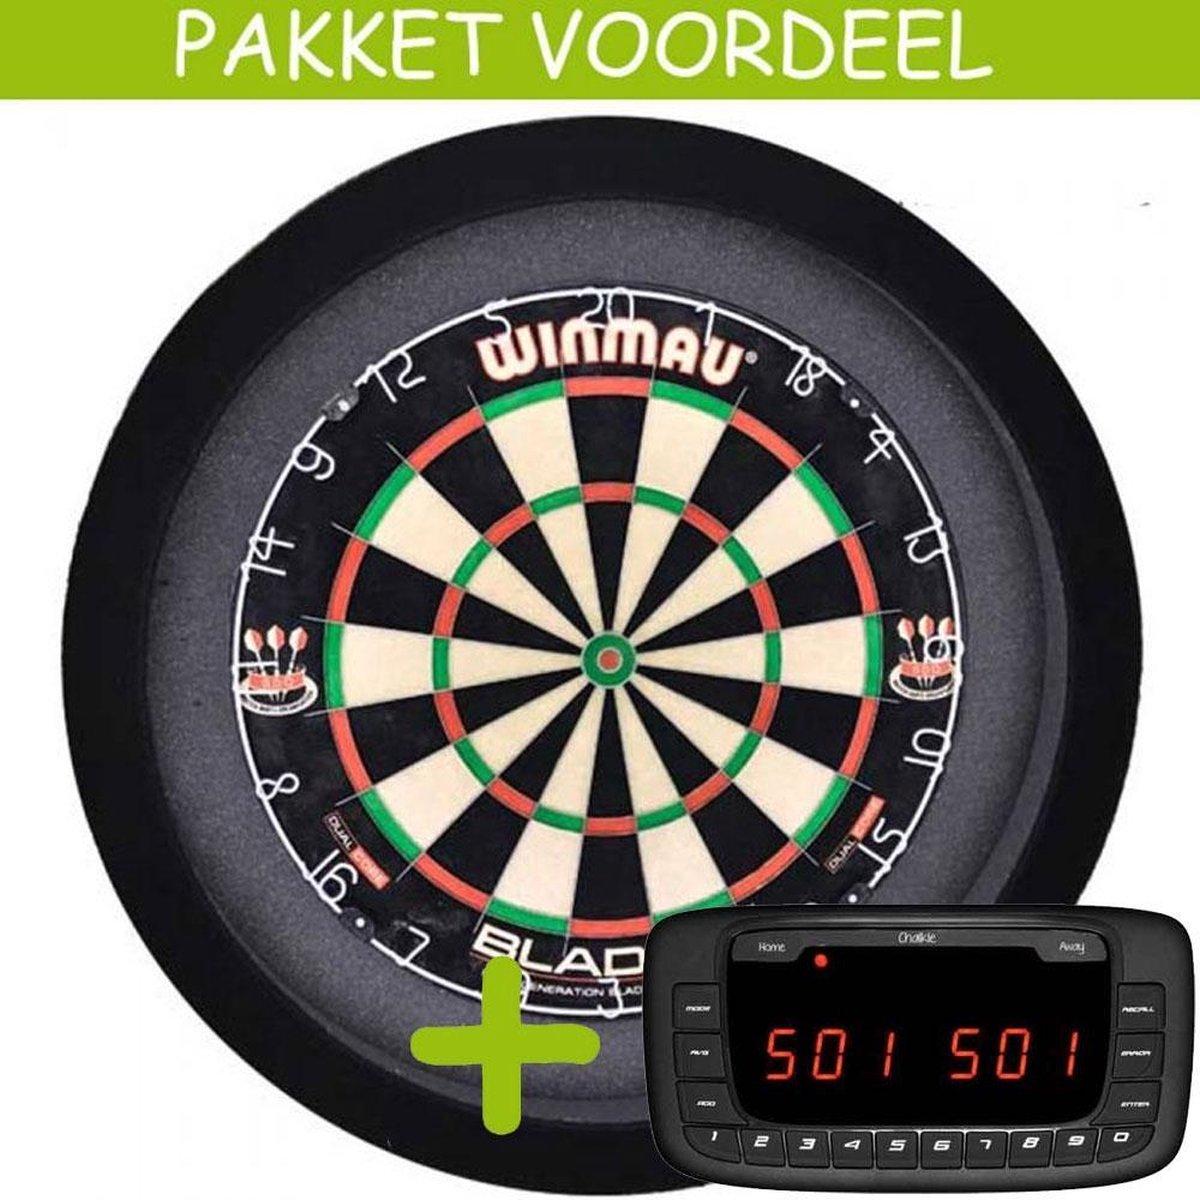 Elektronisch Dart Scorebord VoordeelPakket (Chalkie ) - Blade 5 - Dartbordverlichting Basic (Zwart)